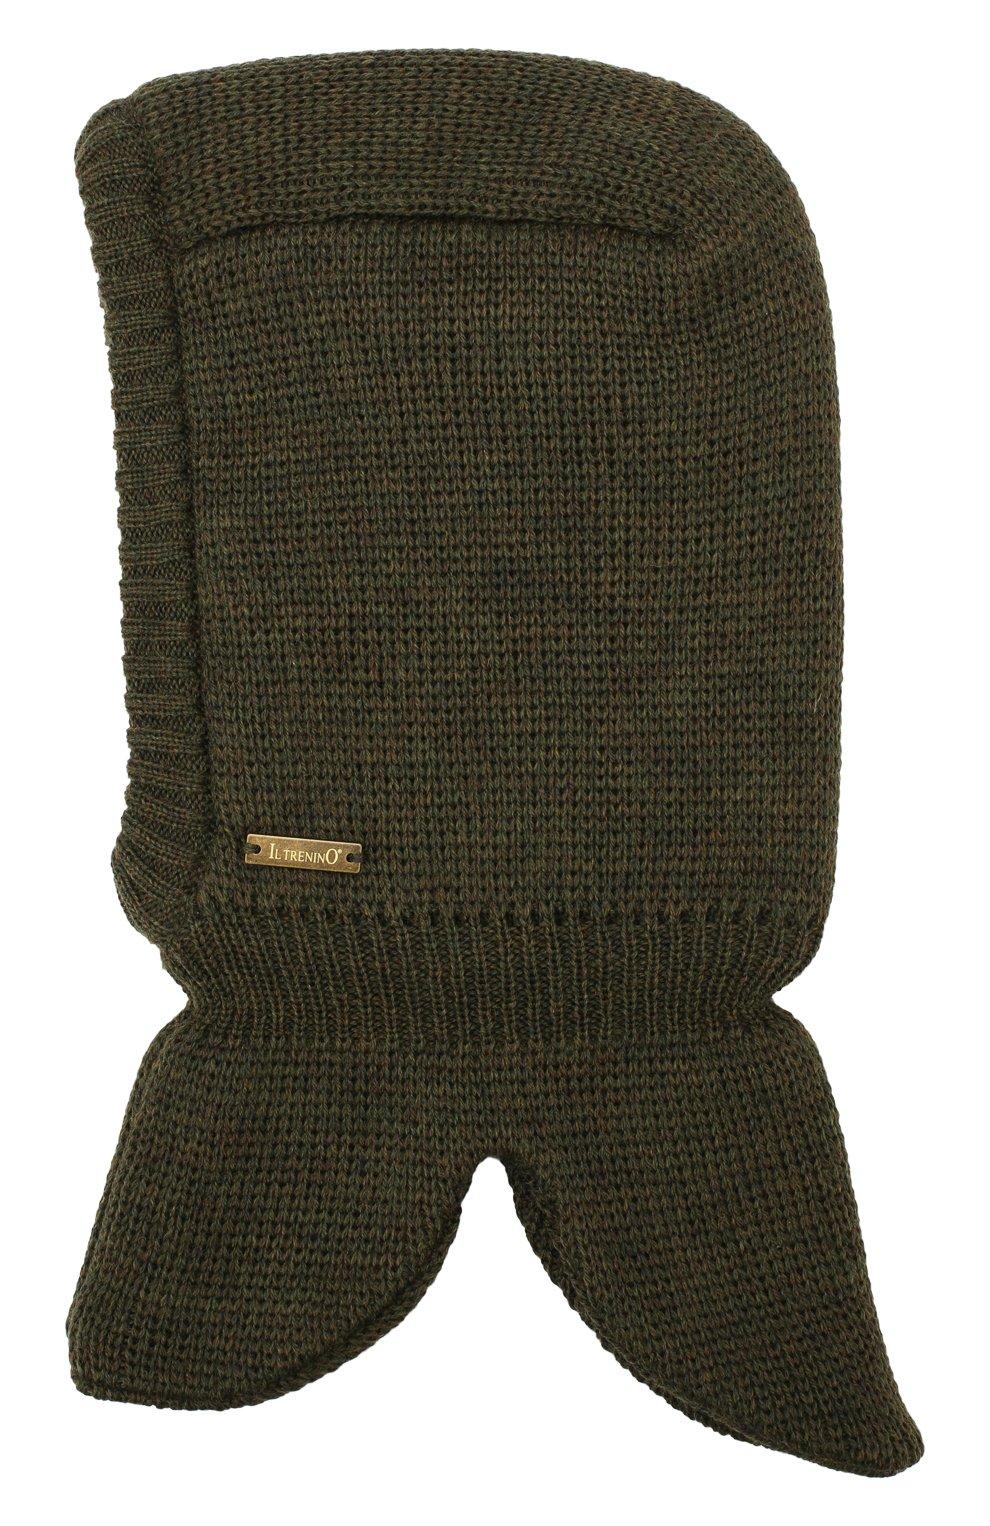 Детского шерстяная шапка-балаклава IL TRENINO хаки цвета, арт. 19 6801/LQ | Фото 2